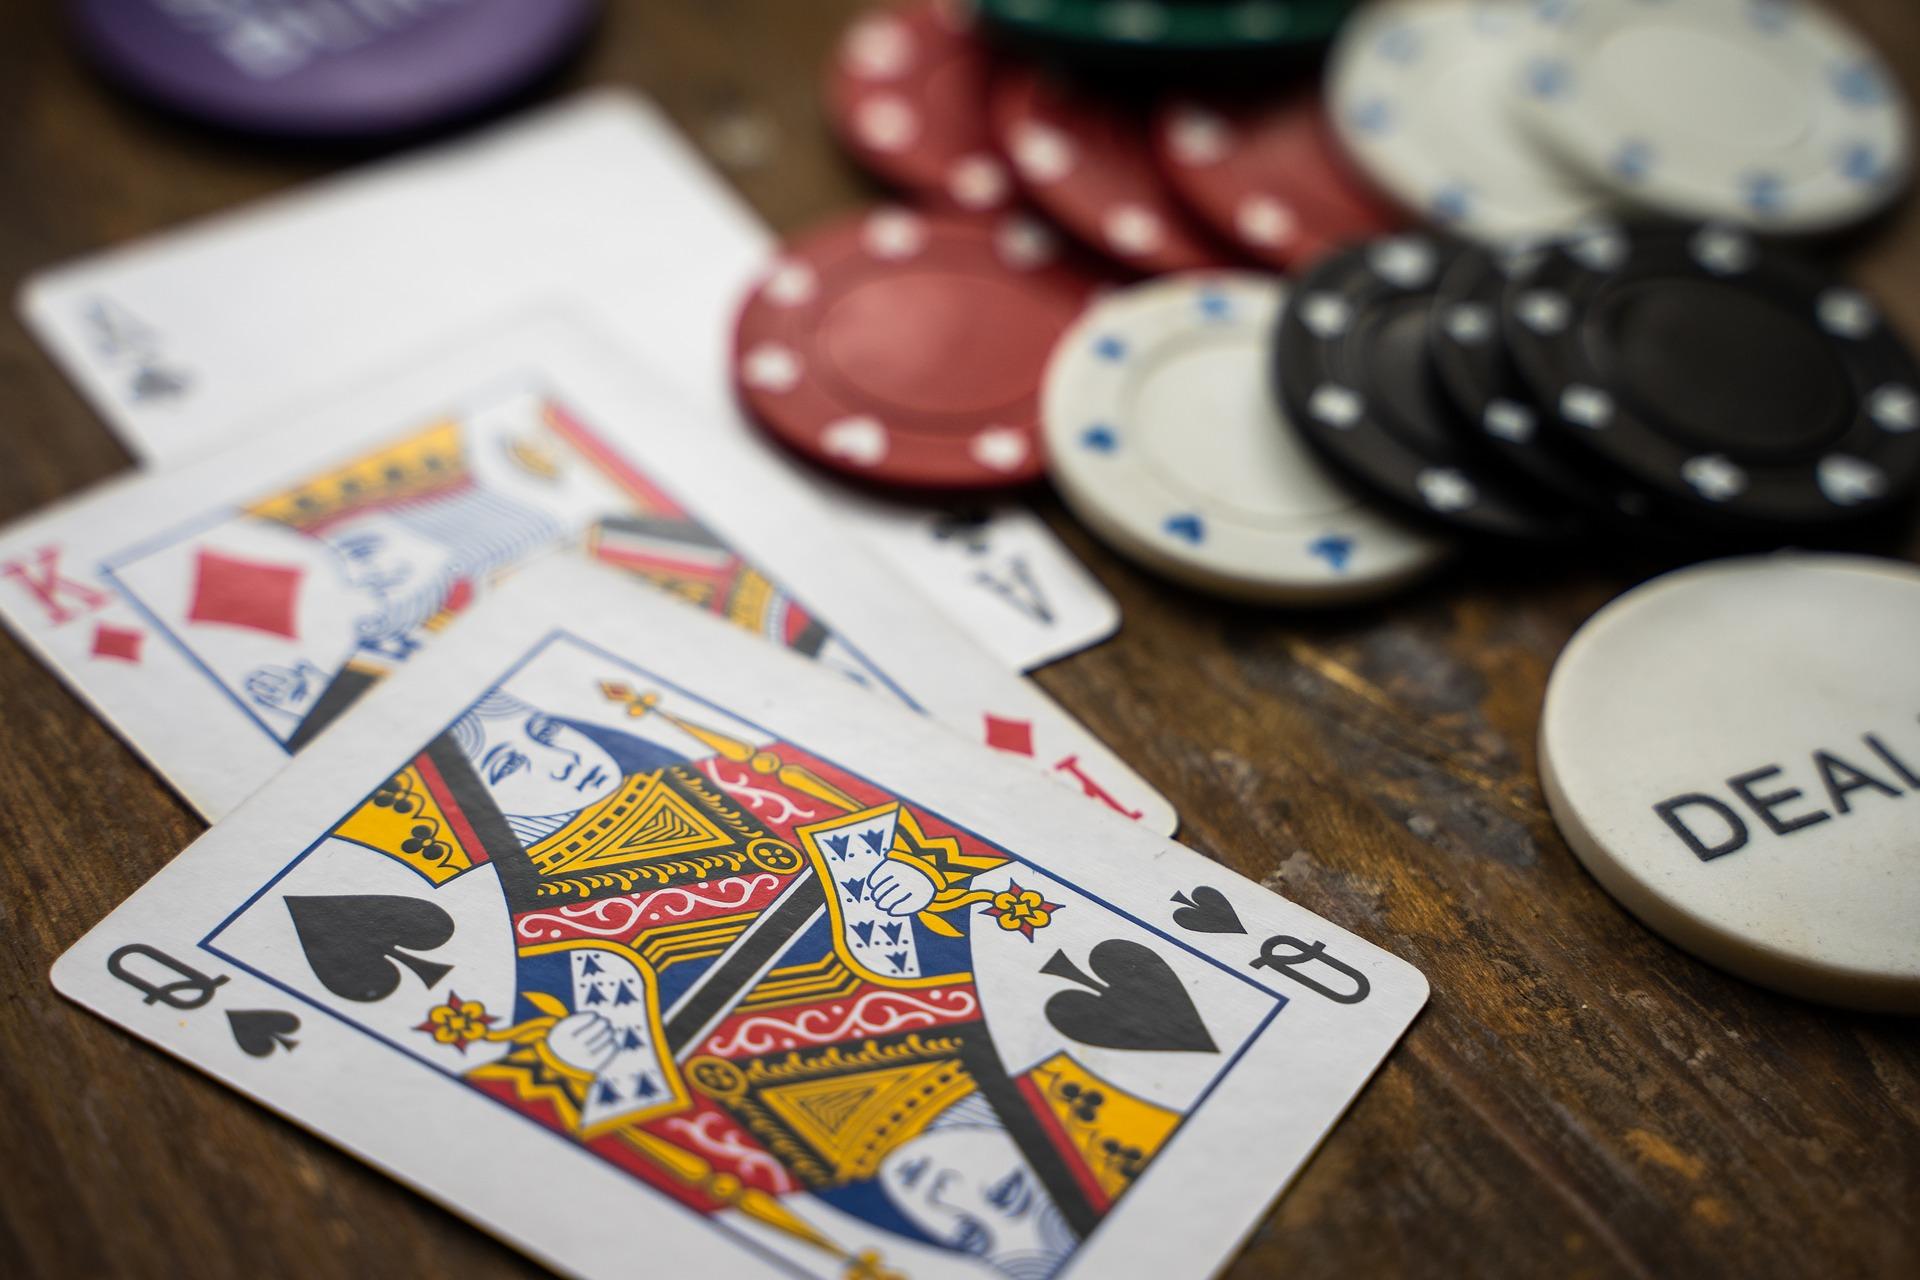 Los mejores juegos de mesa de todos los tiempos